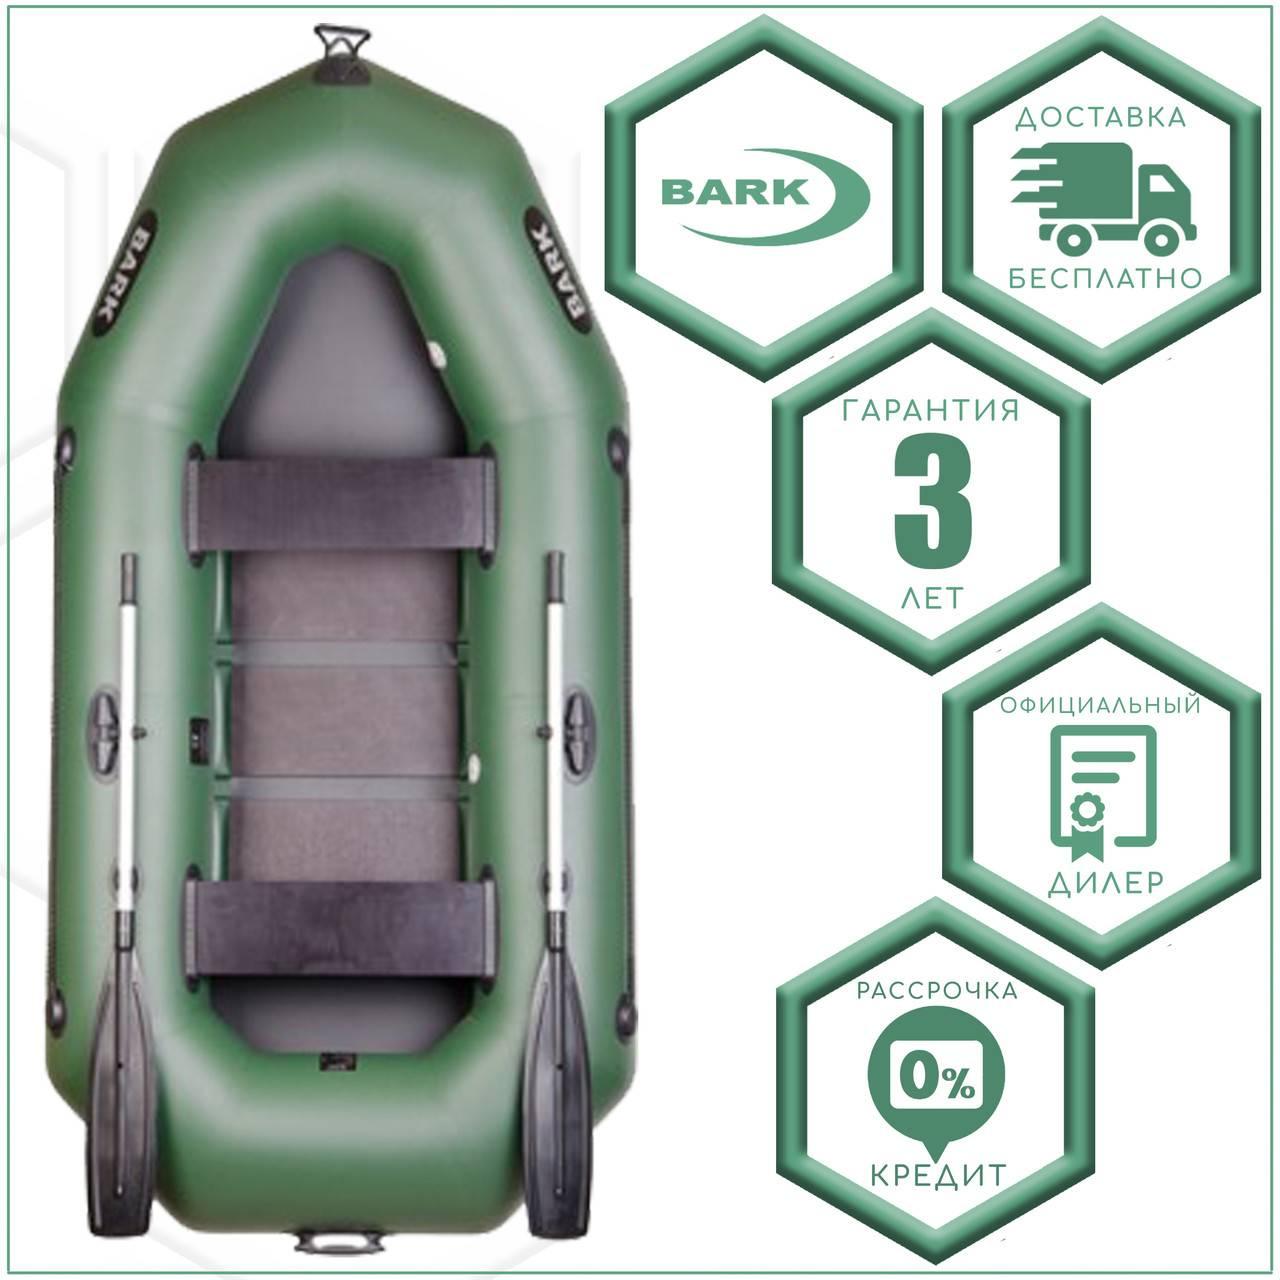 Лодки барк: достойный пример отечественного качества